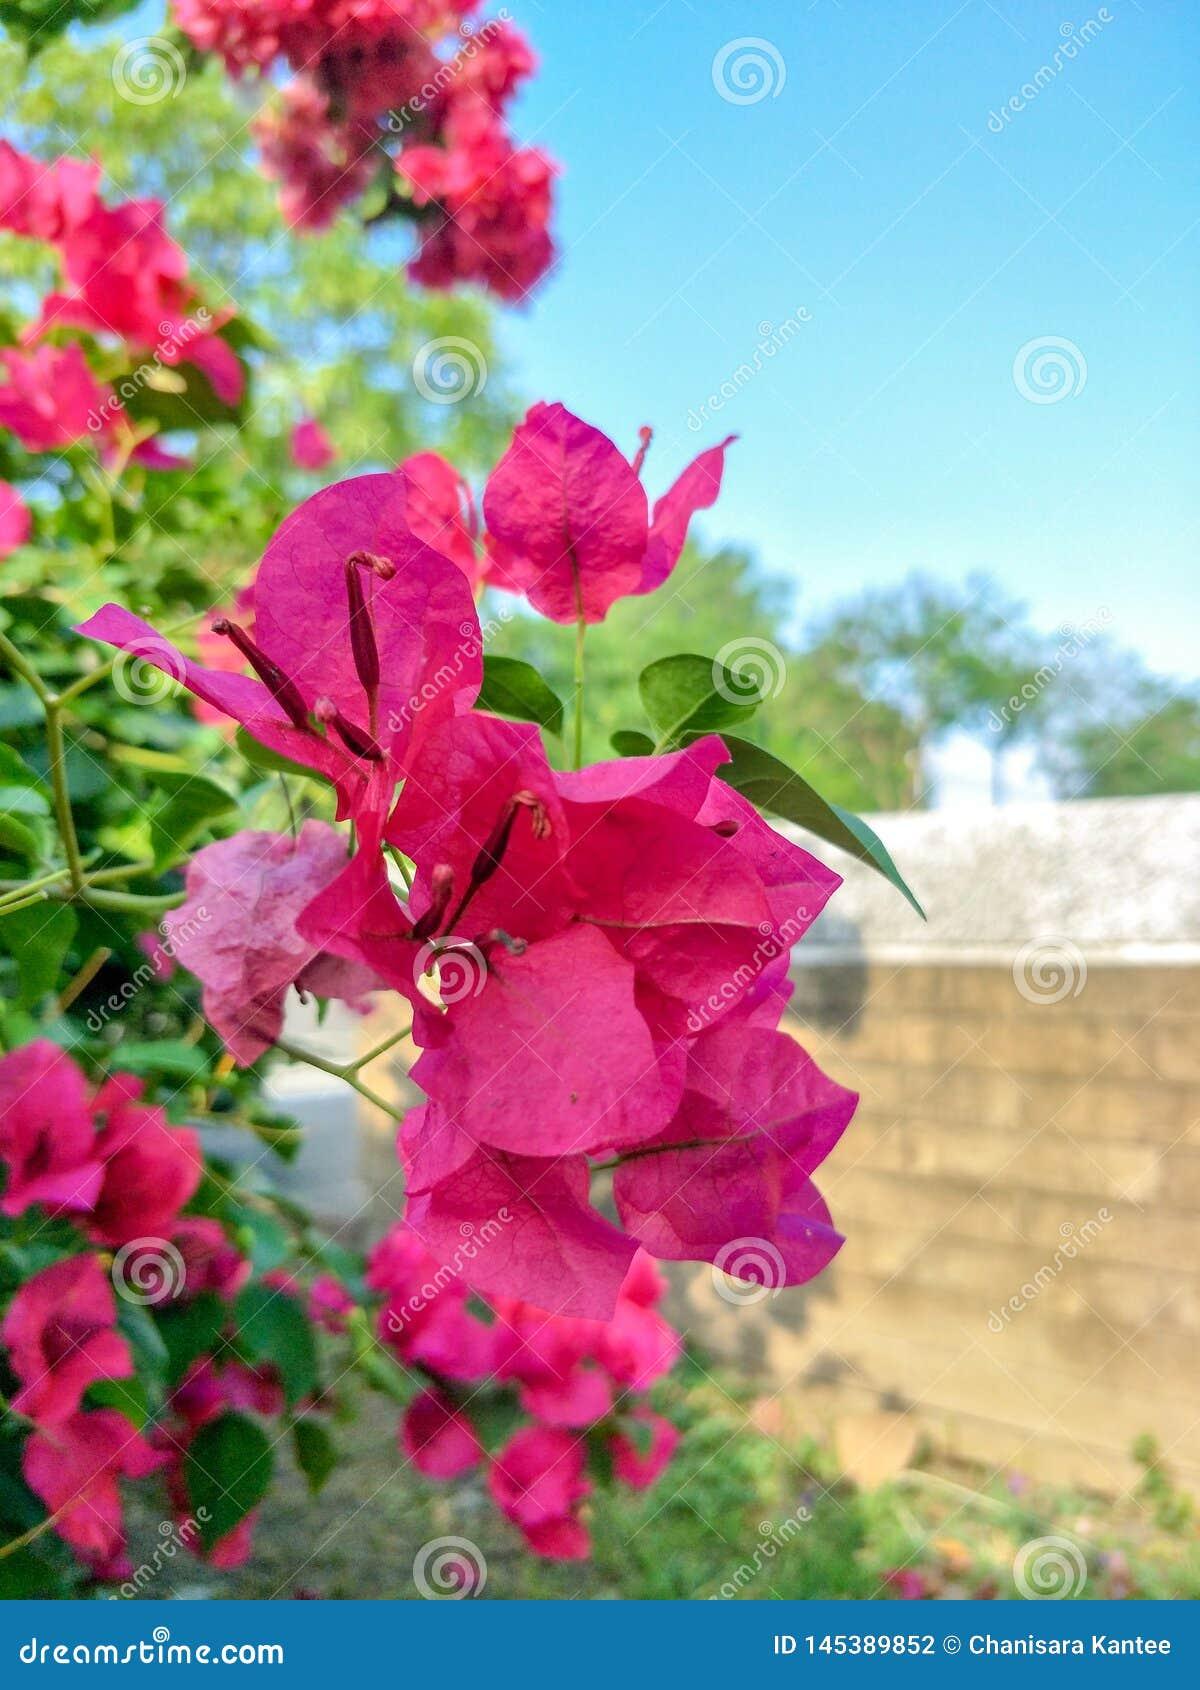 Bouganvillablumen, Papierblumen der schönen rosa Blume